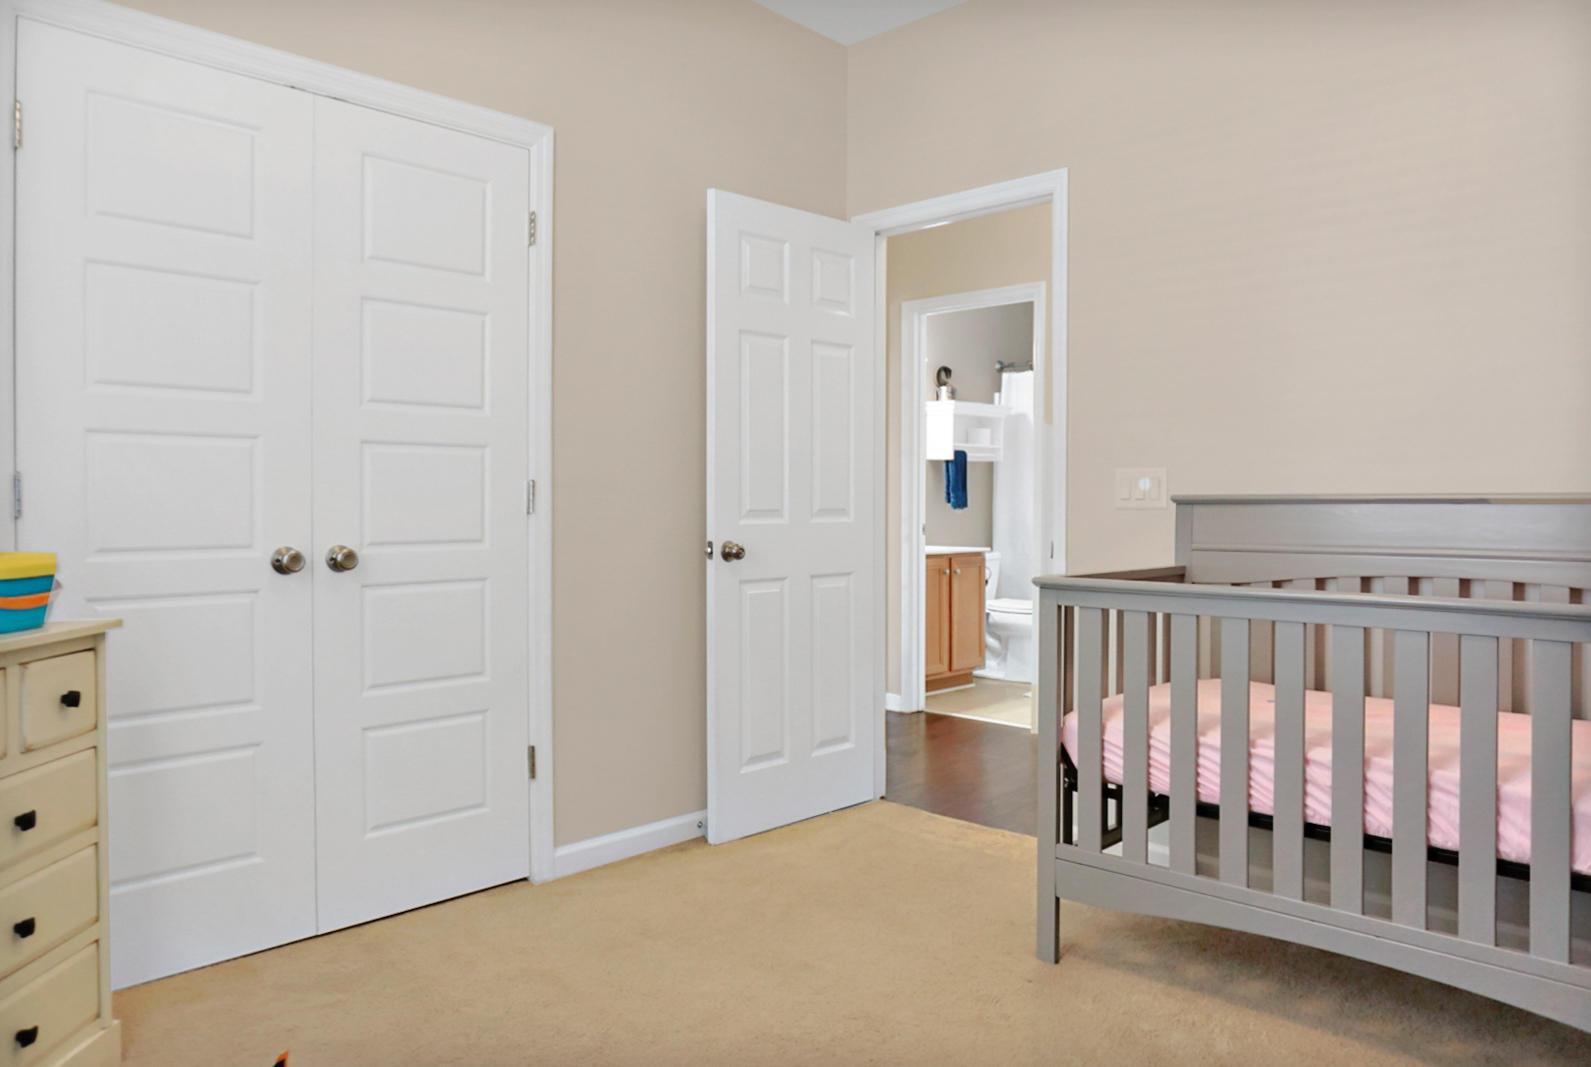 Park West Homes For Sale - 1504 Huxley, Mount Pleasant, SC - 26